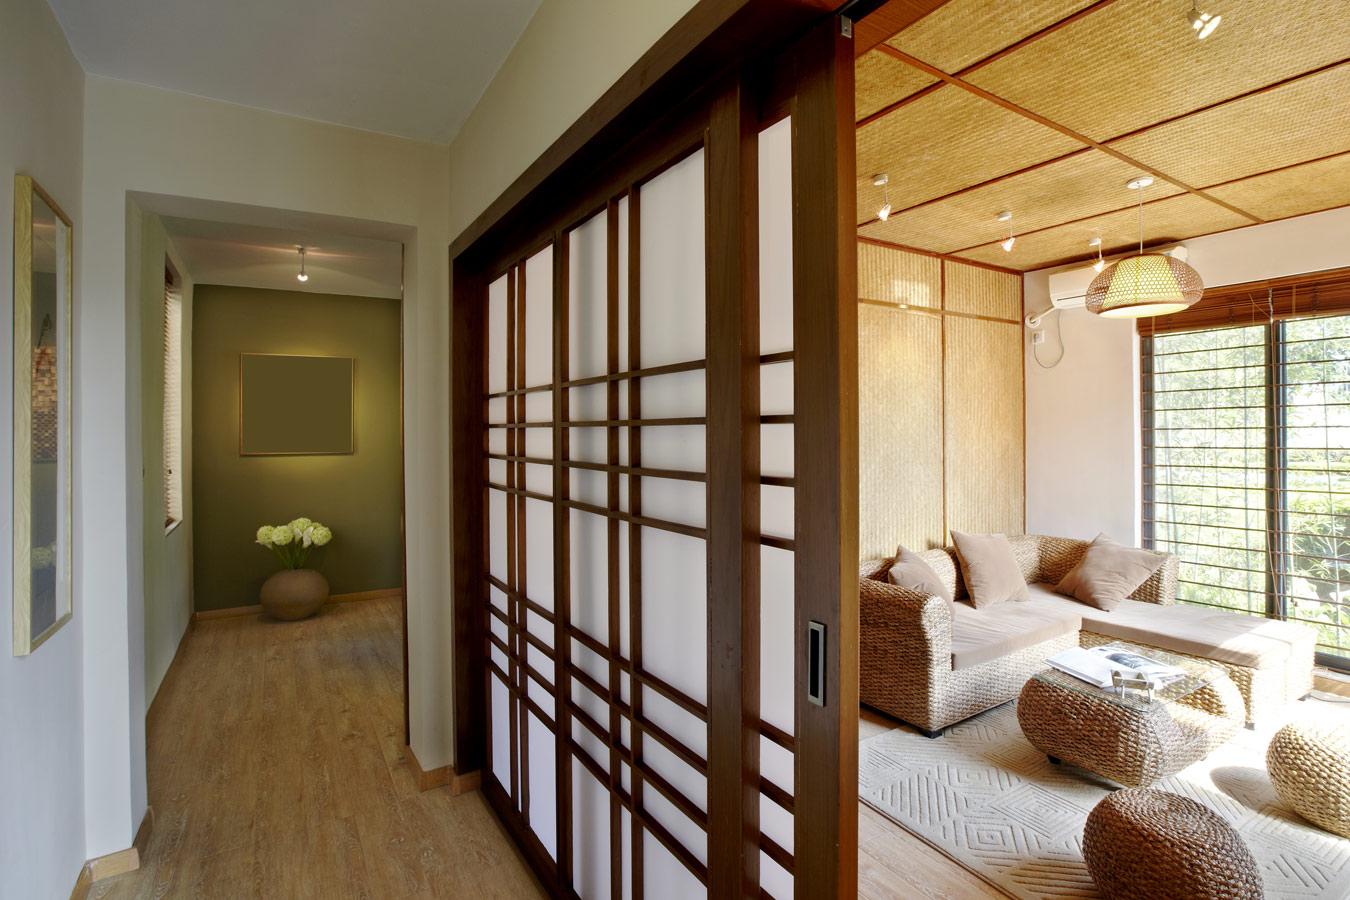 Natuurlijke Ventilatie Slaapkamer : Ethnische woonkamer met rieten ...